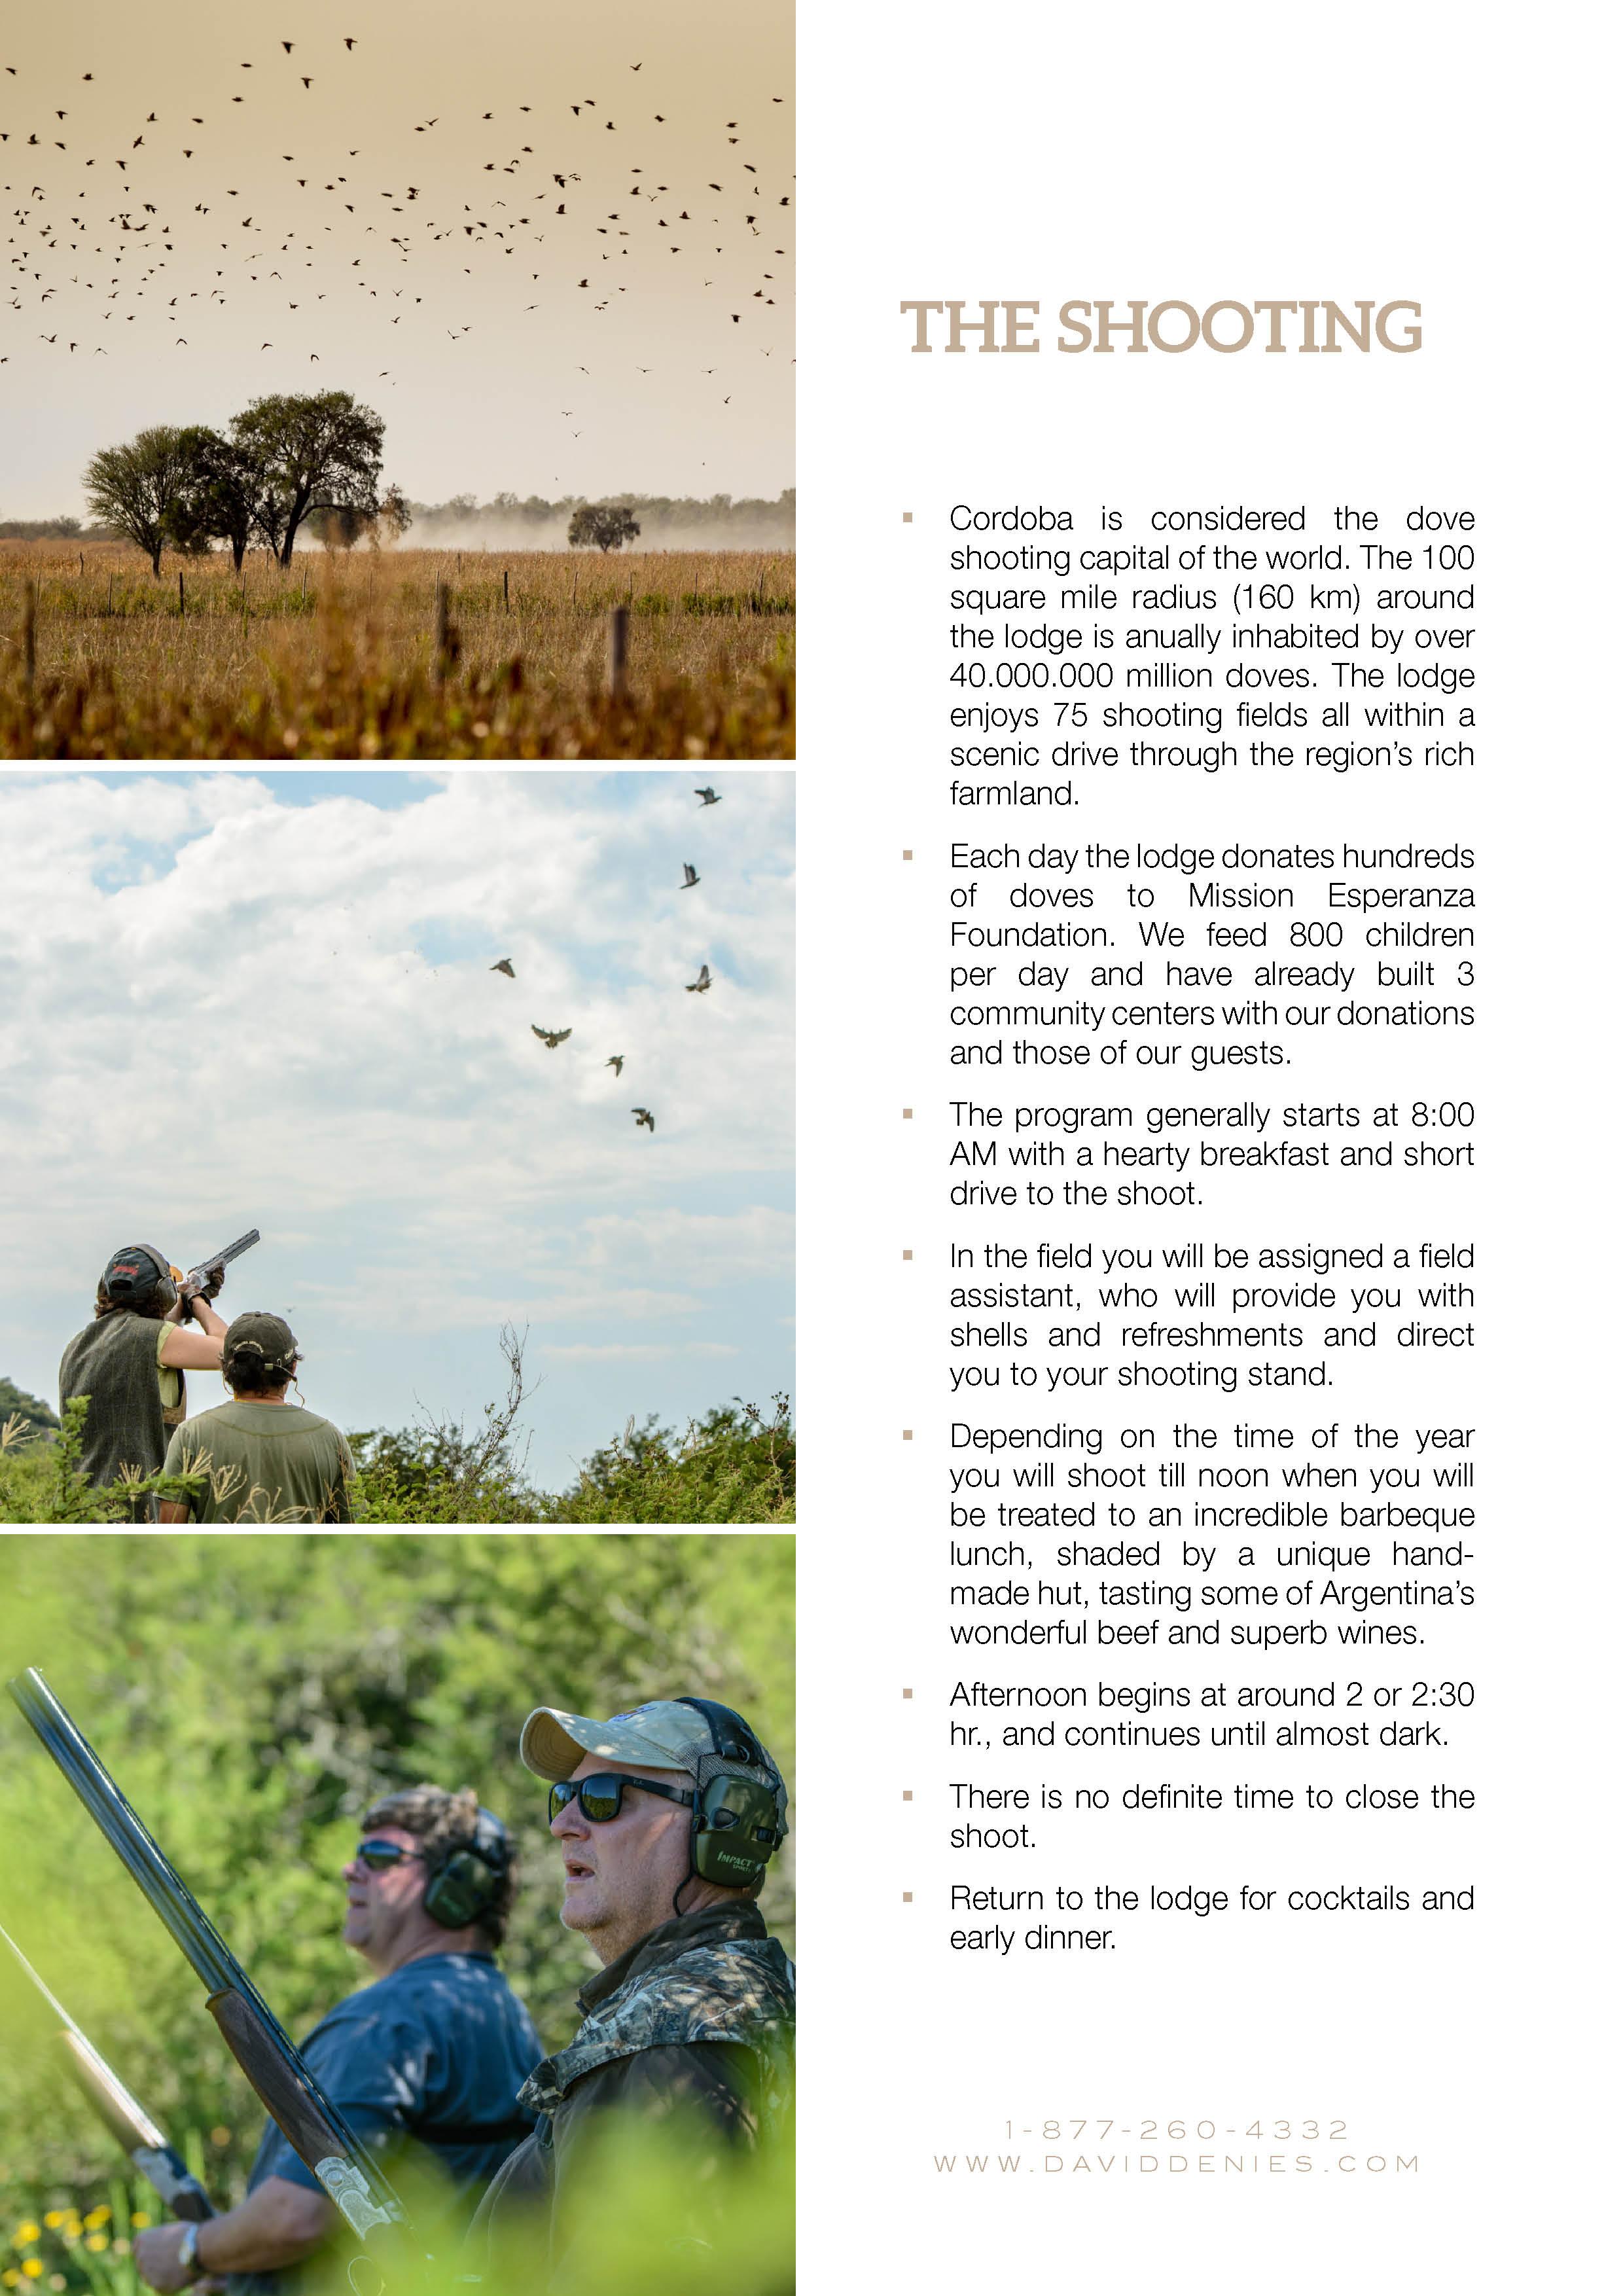 David Denies | Bird Hunting in Argentina & Uruguay |